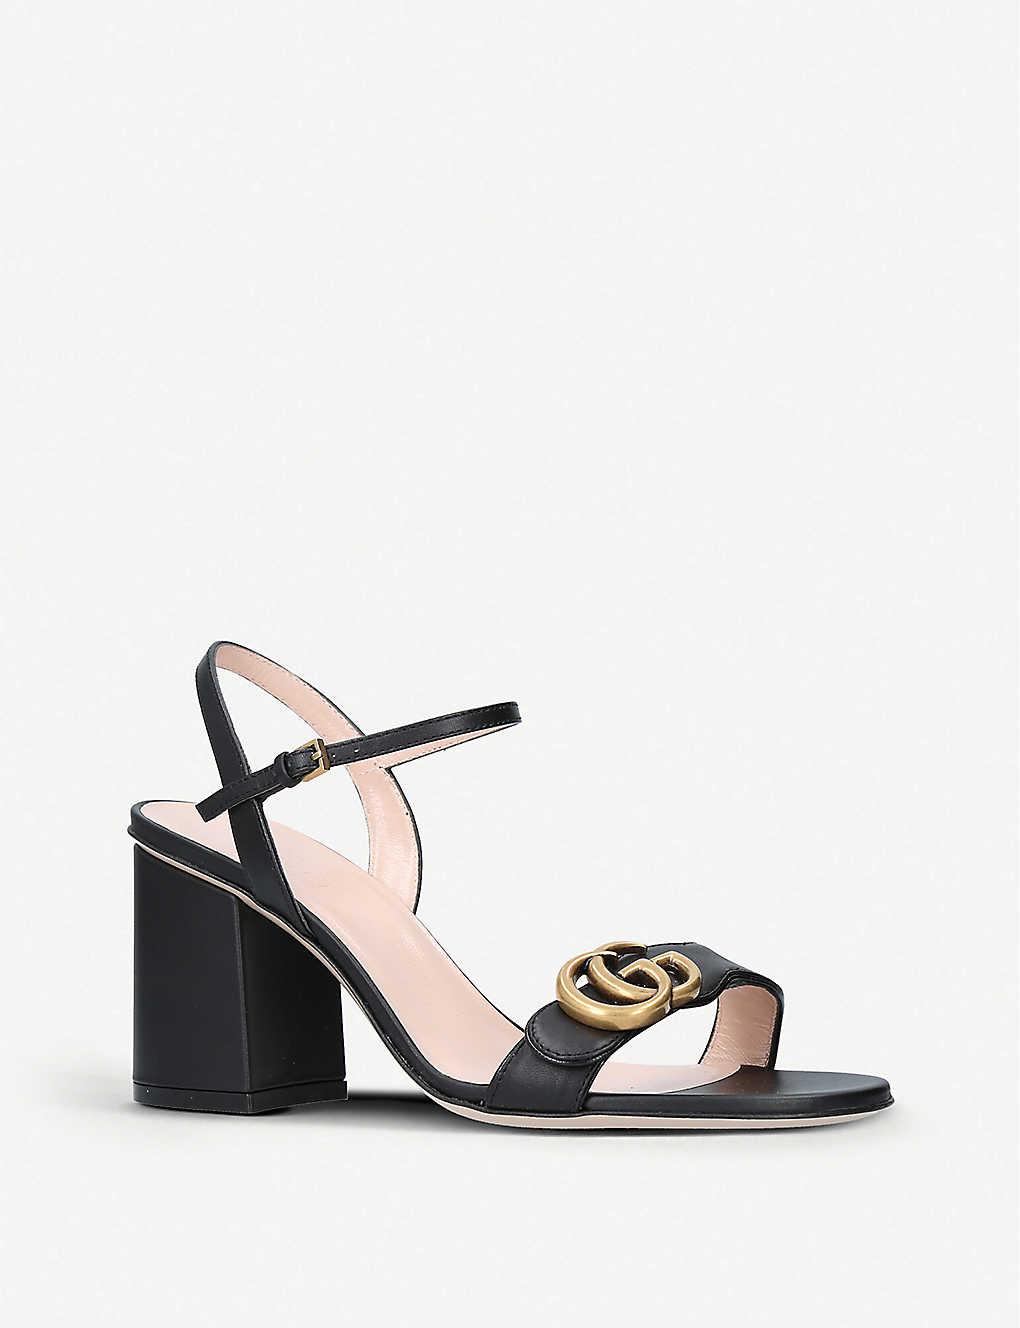 7c225d67a40b ... Marmont 75 leather sandals - Black ...